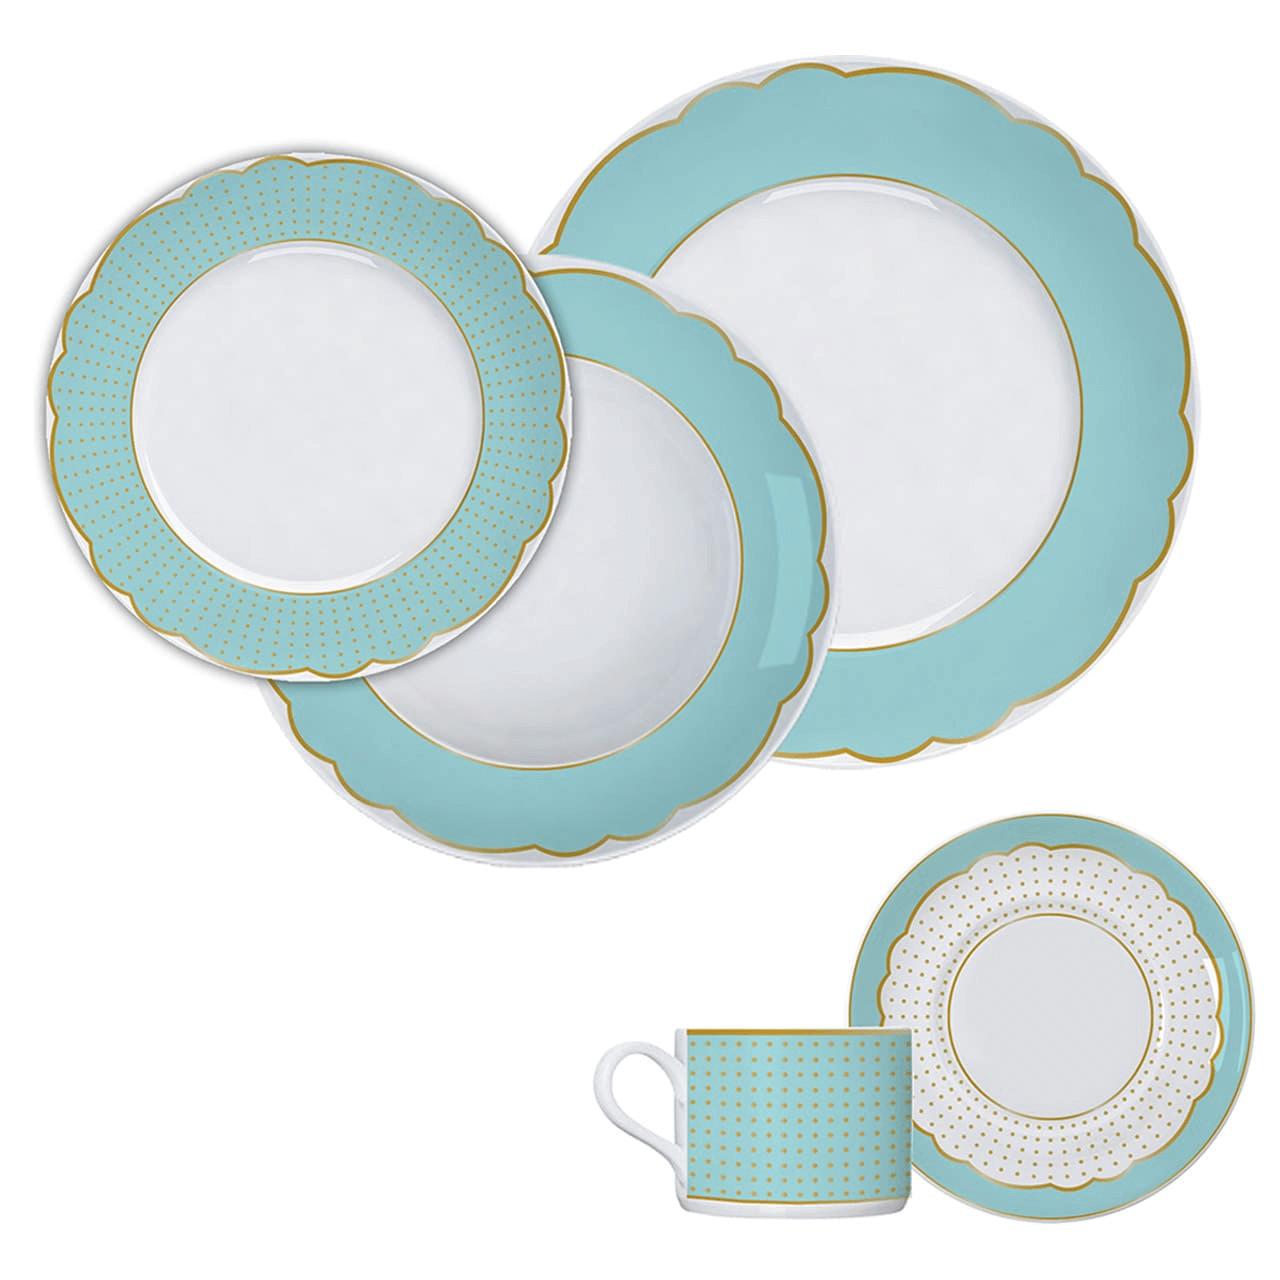 Aparelho de  Jantar e Chá 30 Peças Versa/Brasília Germer Royal Tiffany